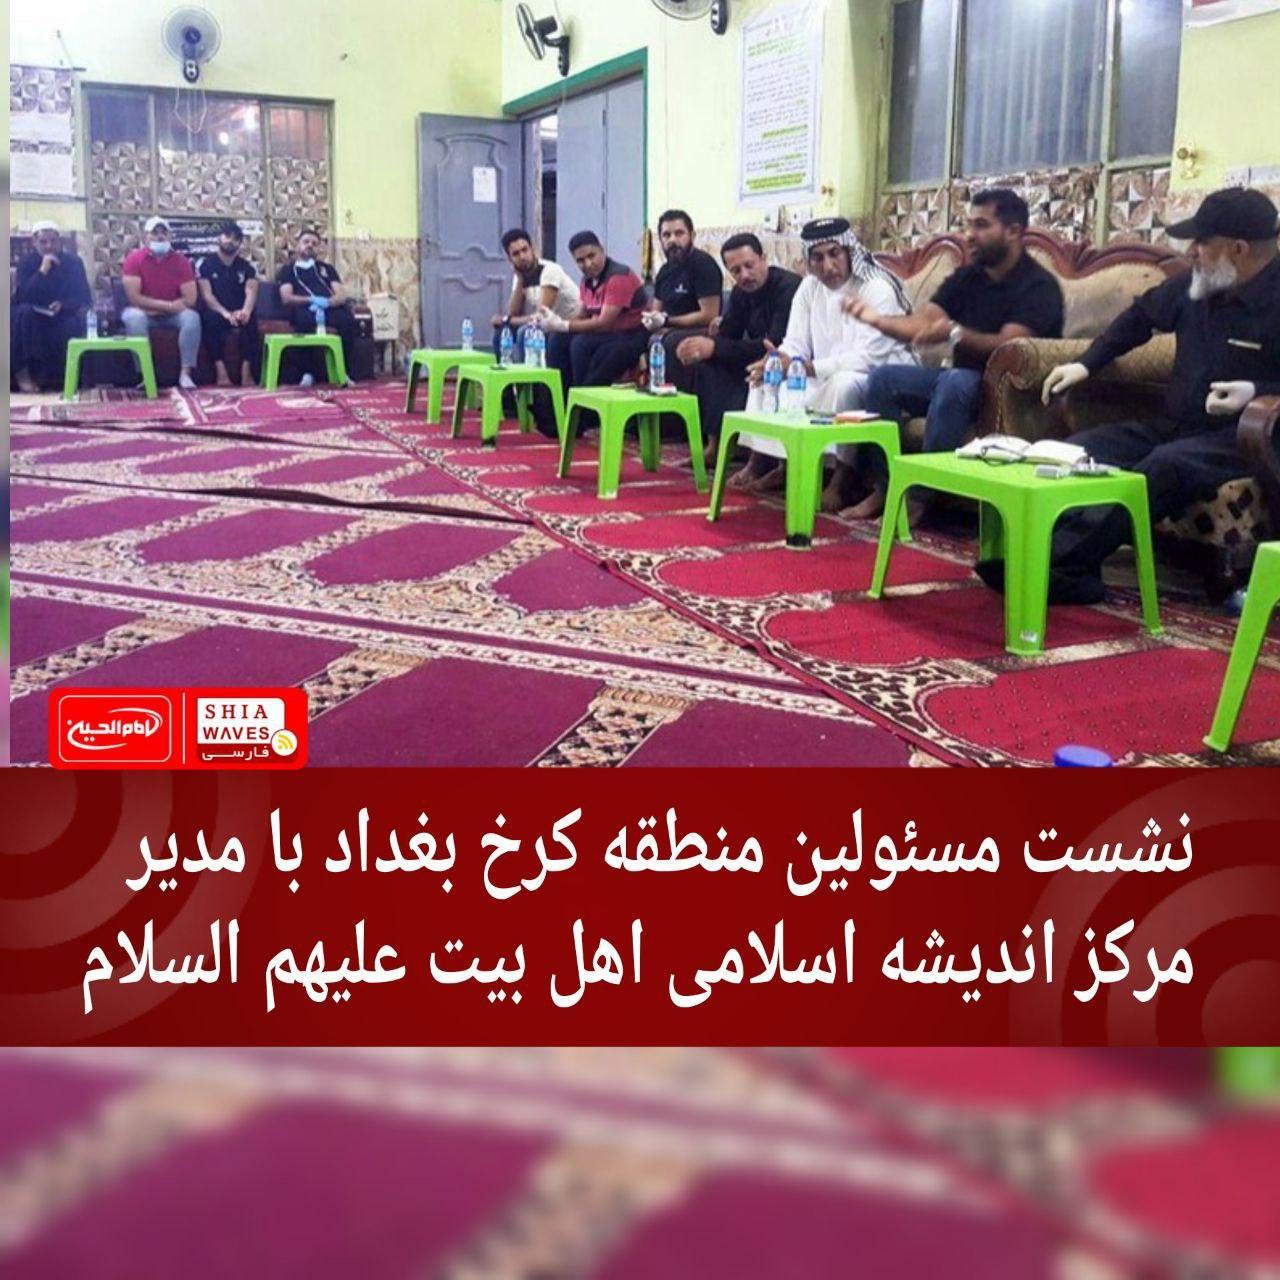 تصویر نشست مسئولین منطقه کرخ بغداد با مدیر مرکز اندیشه اسلامی اهل بیت علیهم السلام